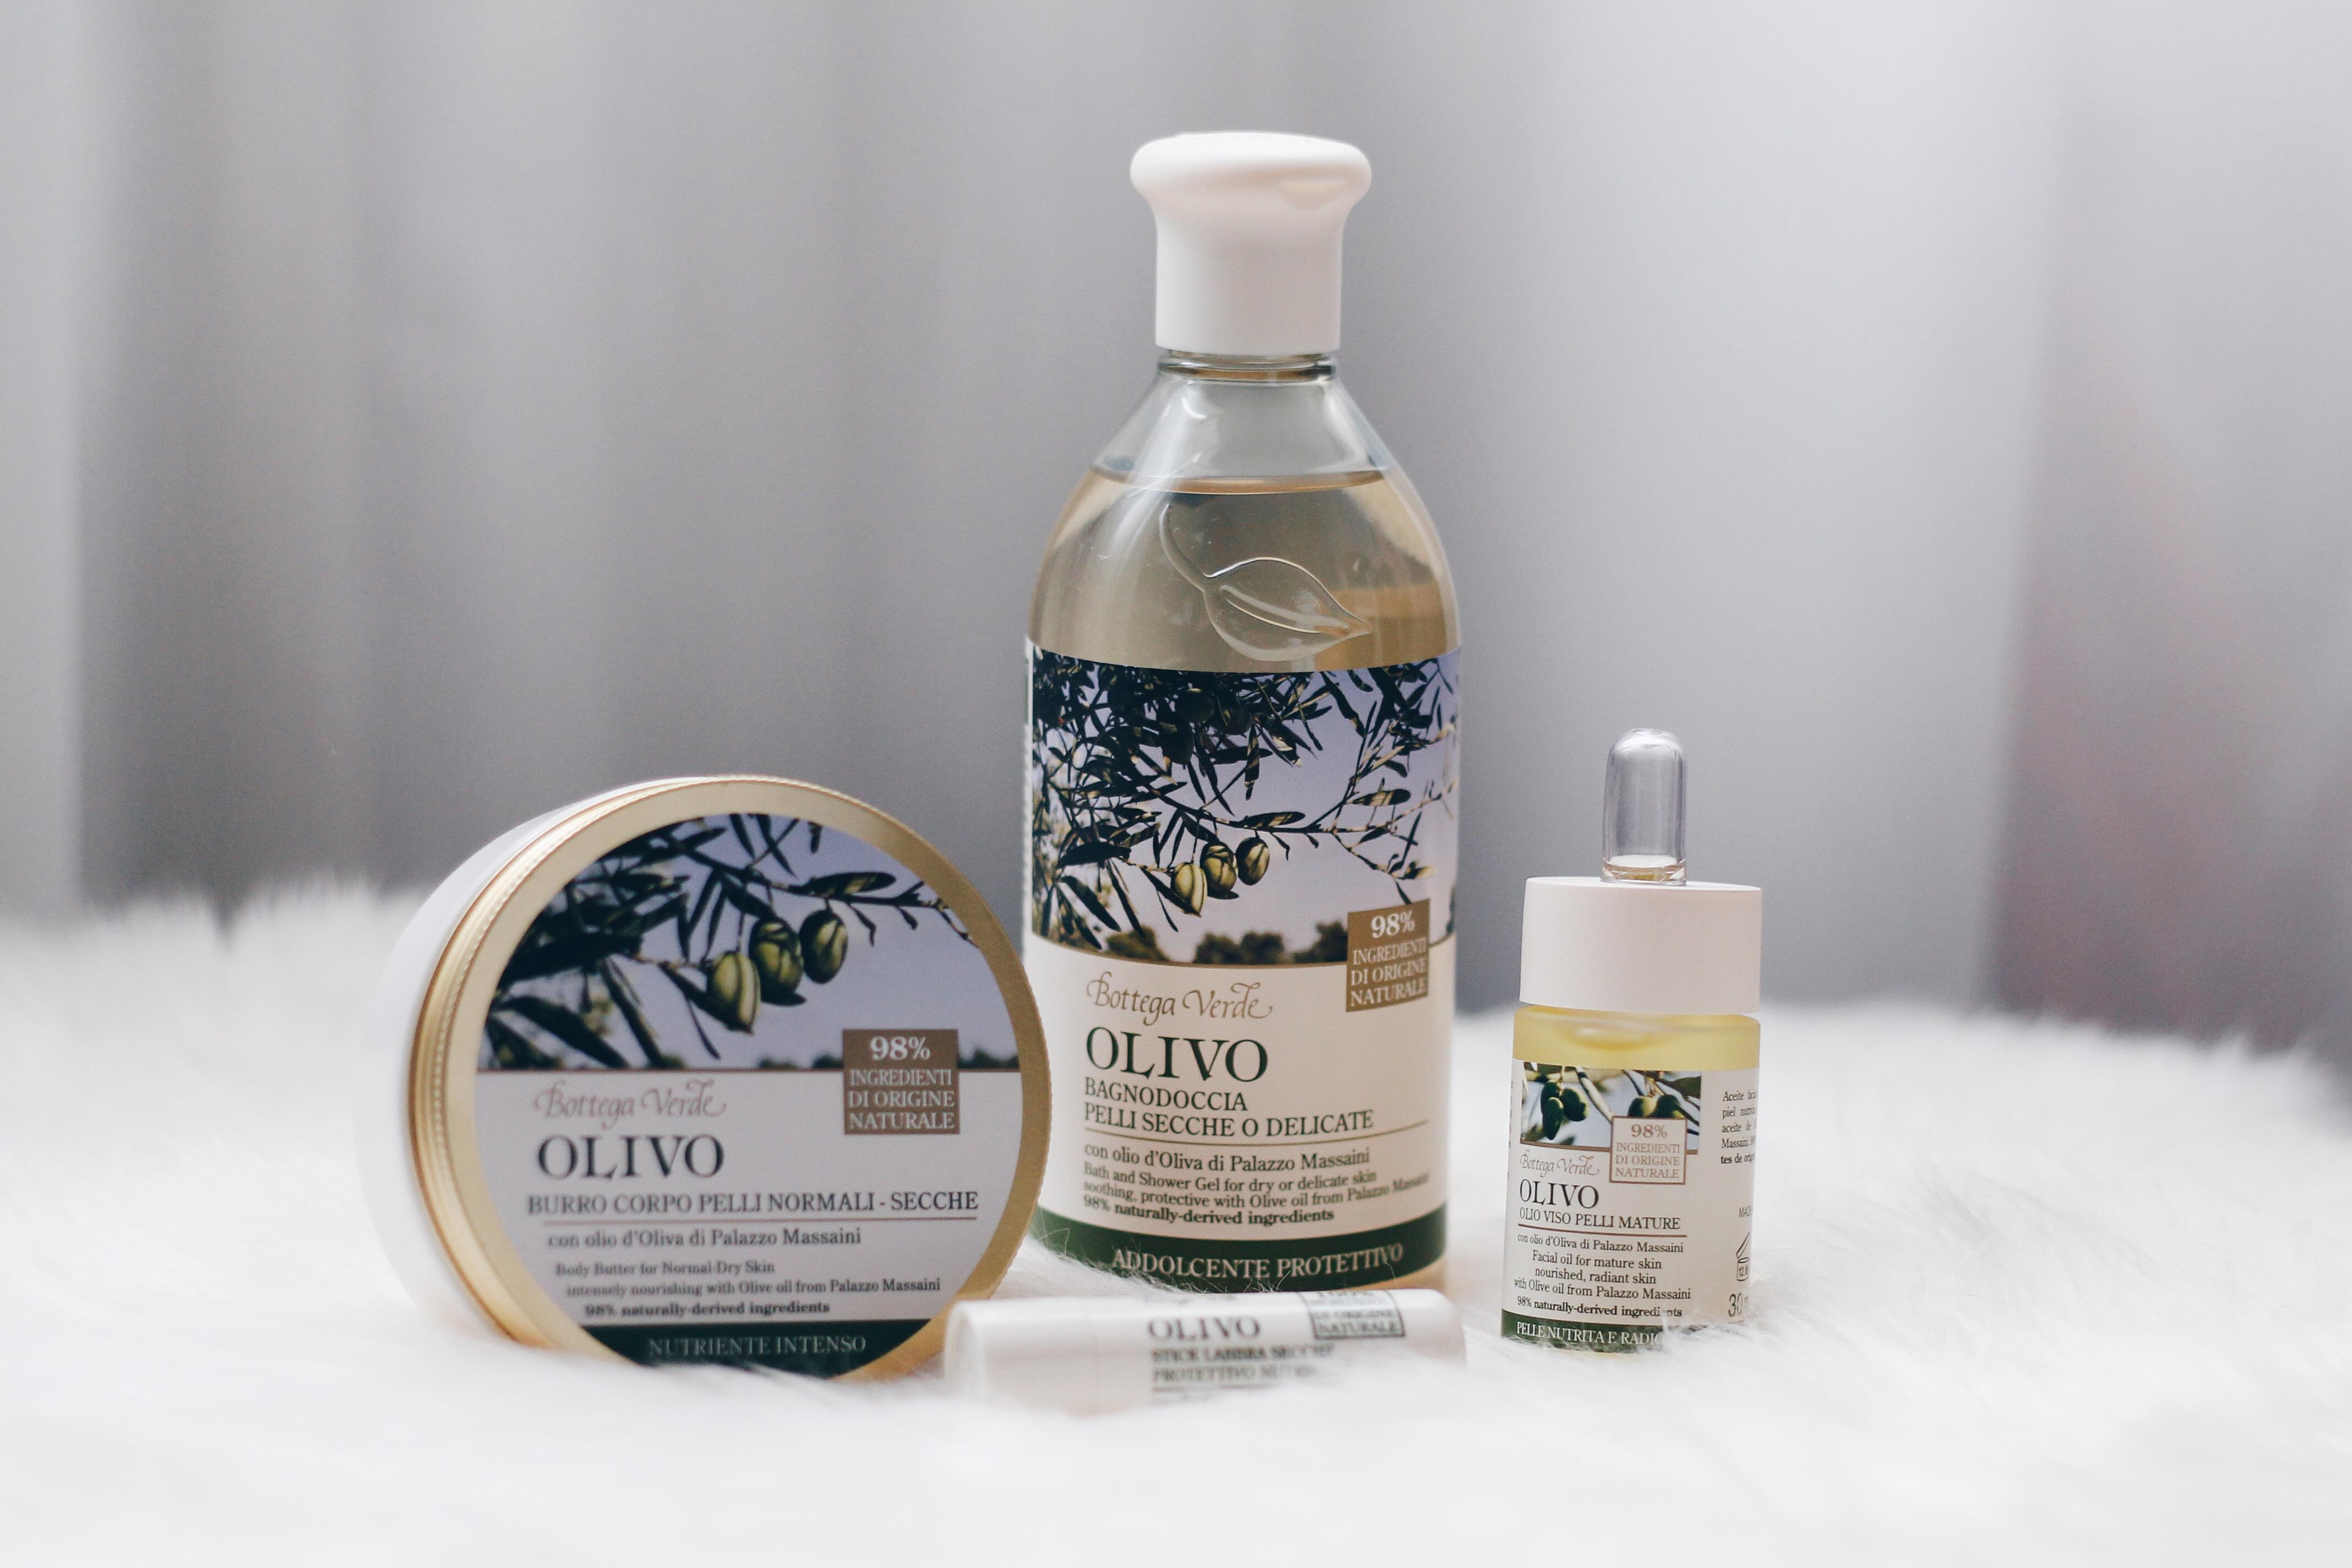 Bagno Doccia Bottega Verde : Scegli la natura con linea olivo di bottega verde u2013 my glamour attitude